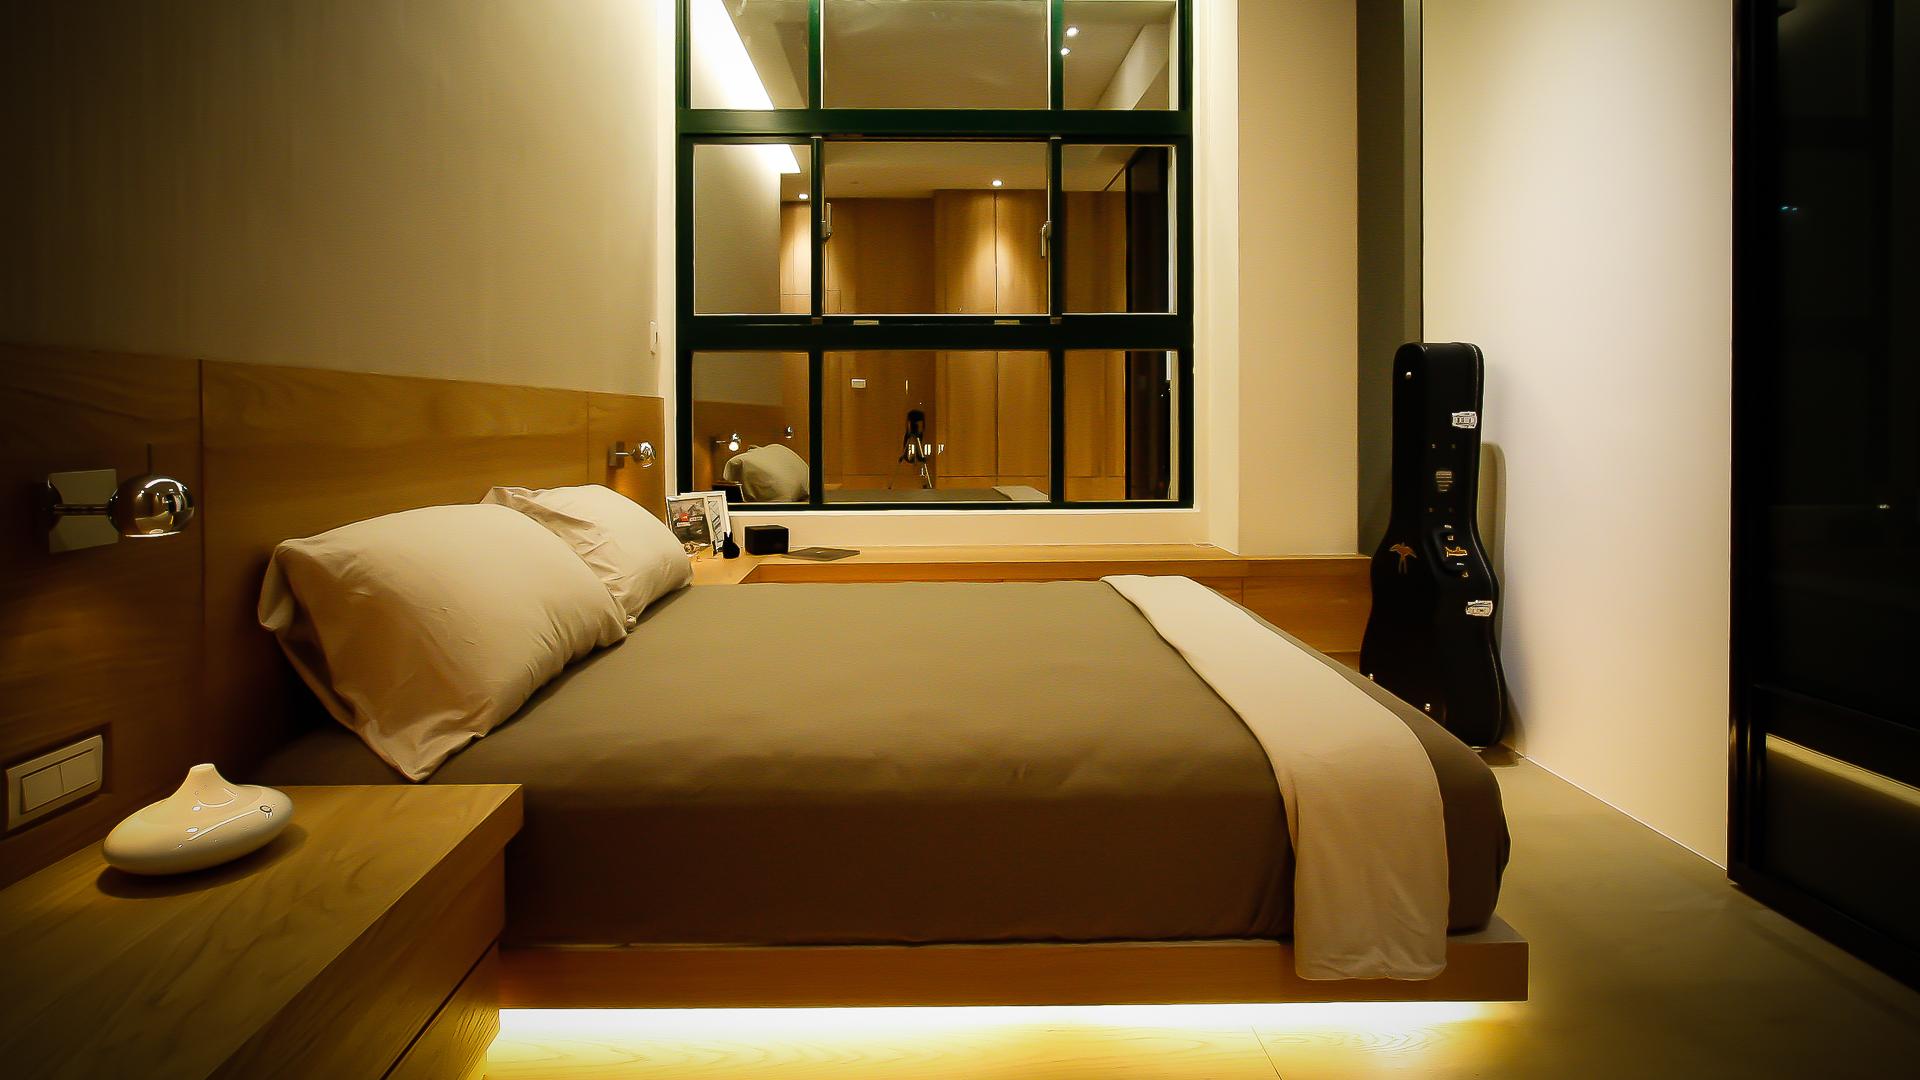 0024_室內設計師推薦風格現代東方風New JP style-21